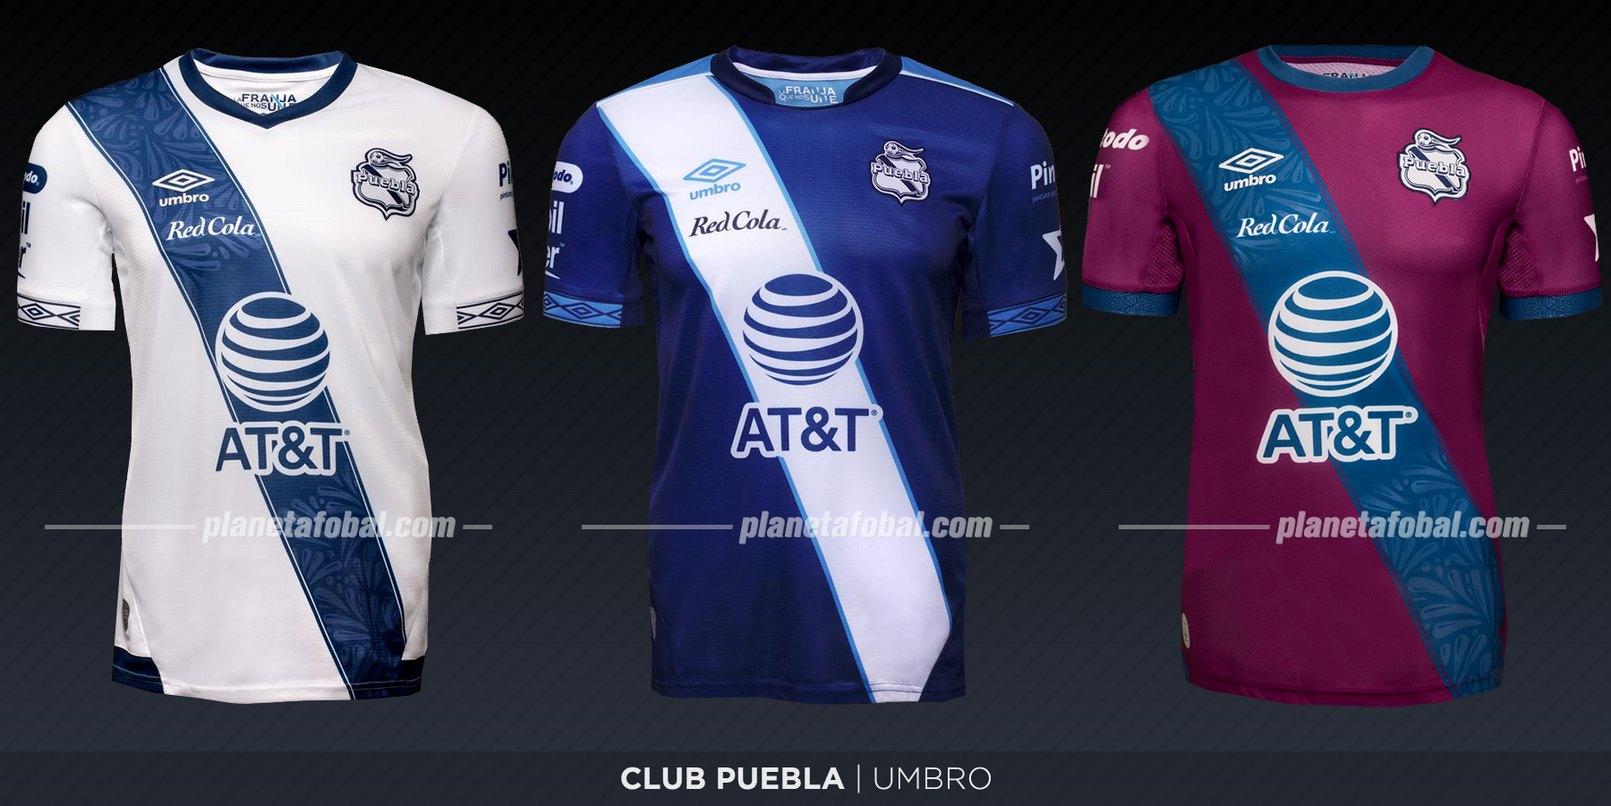 Club Puebla (Umbro) | Camisetas de la Liga MX 2019-2020